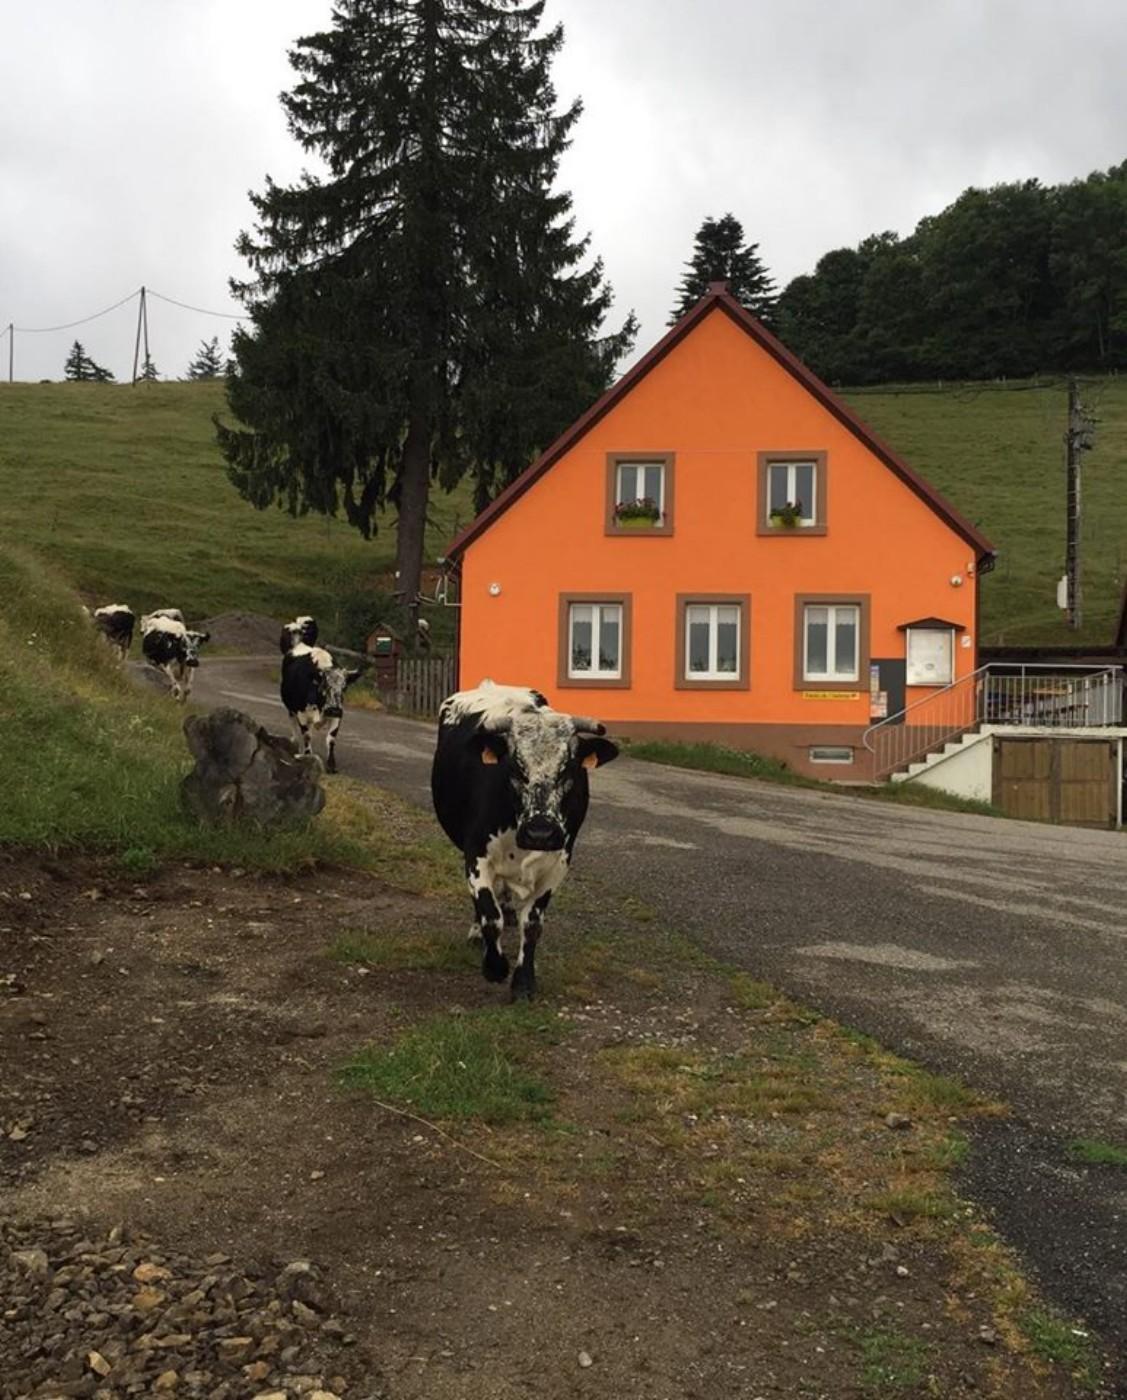 Vue générale de la ferme ©Ferme-auberge du Kohlschlag